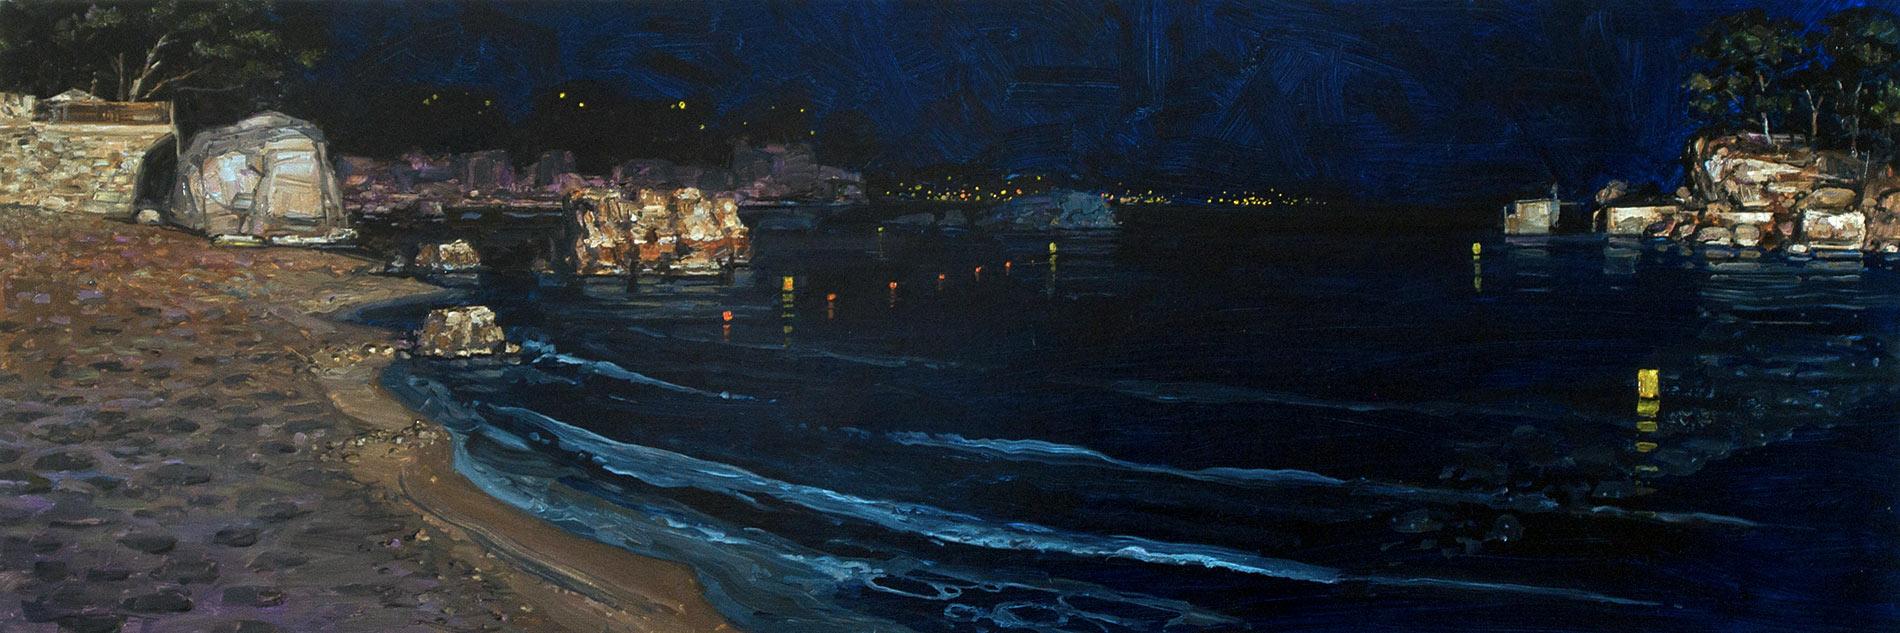 Le bruit de la nuit 2. Huile sur toile, 50 x 150 cm, 2013